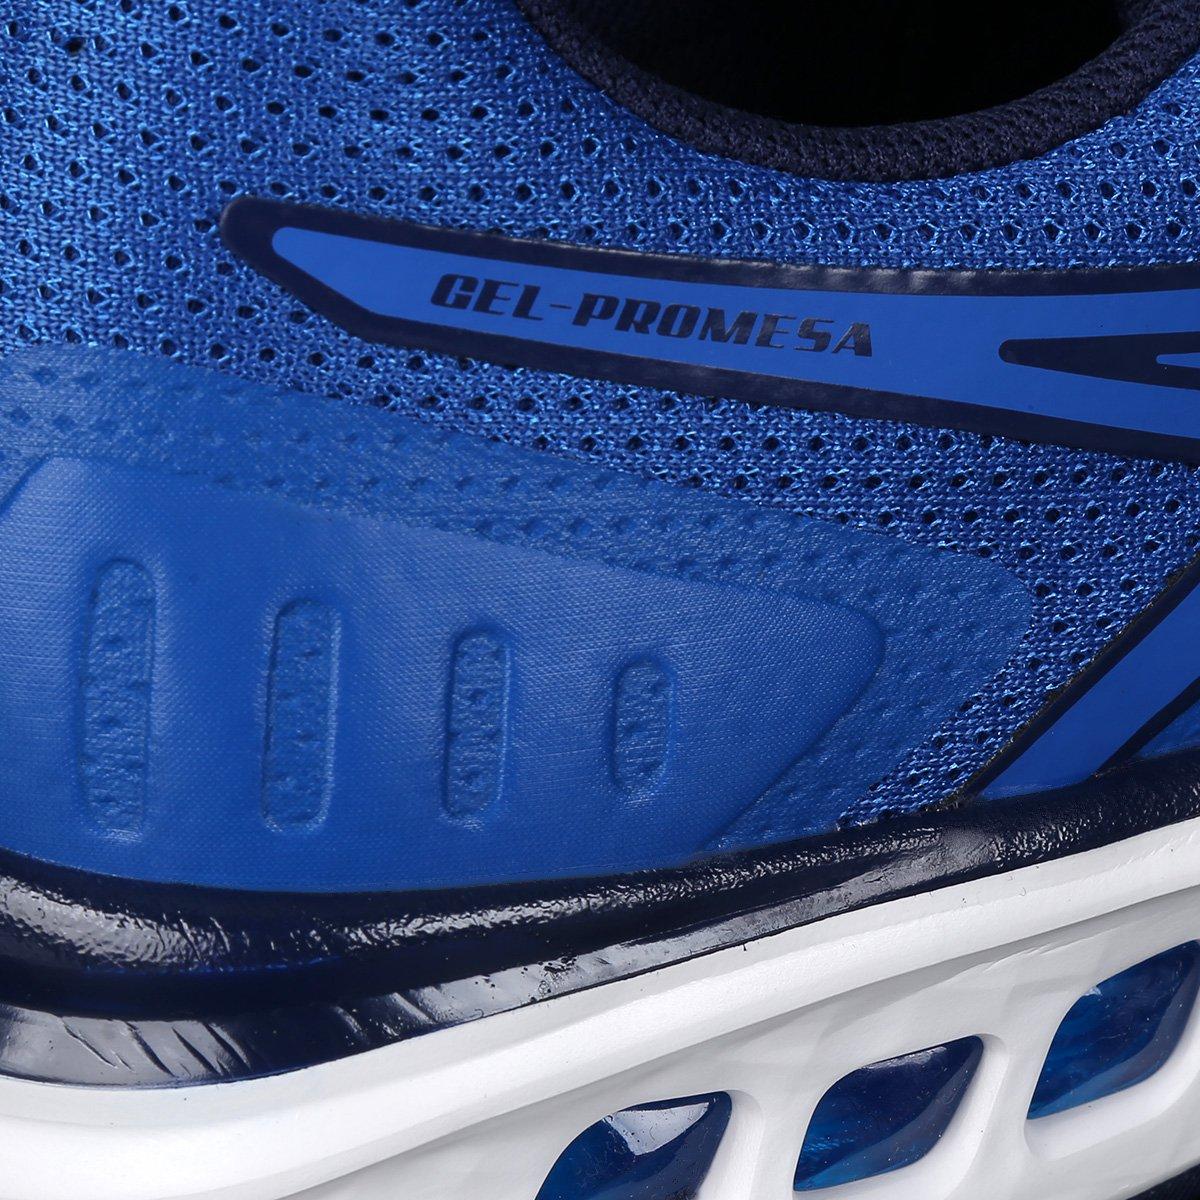 Tênis Asics Gel Promesa Masculino - Azul - Compre Agora  a28444b22cff8